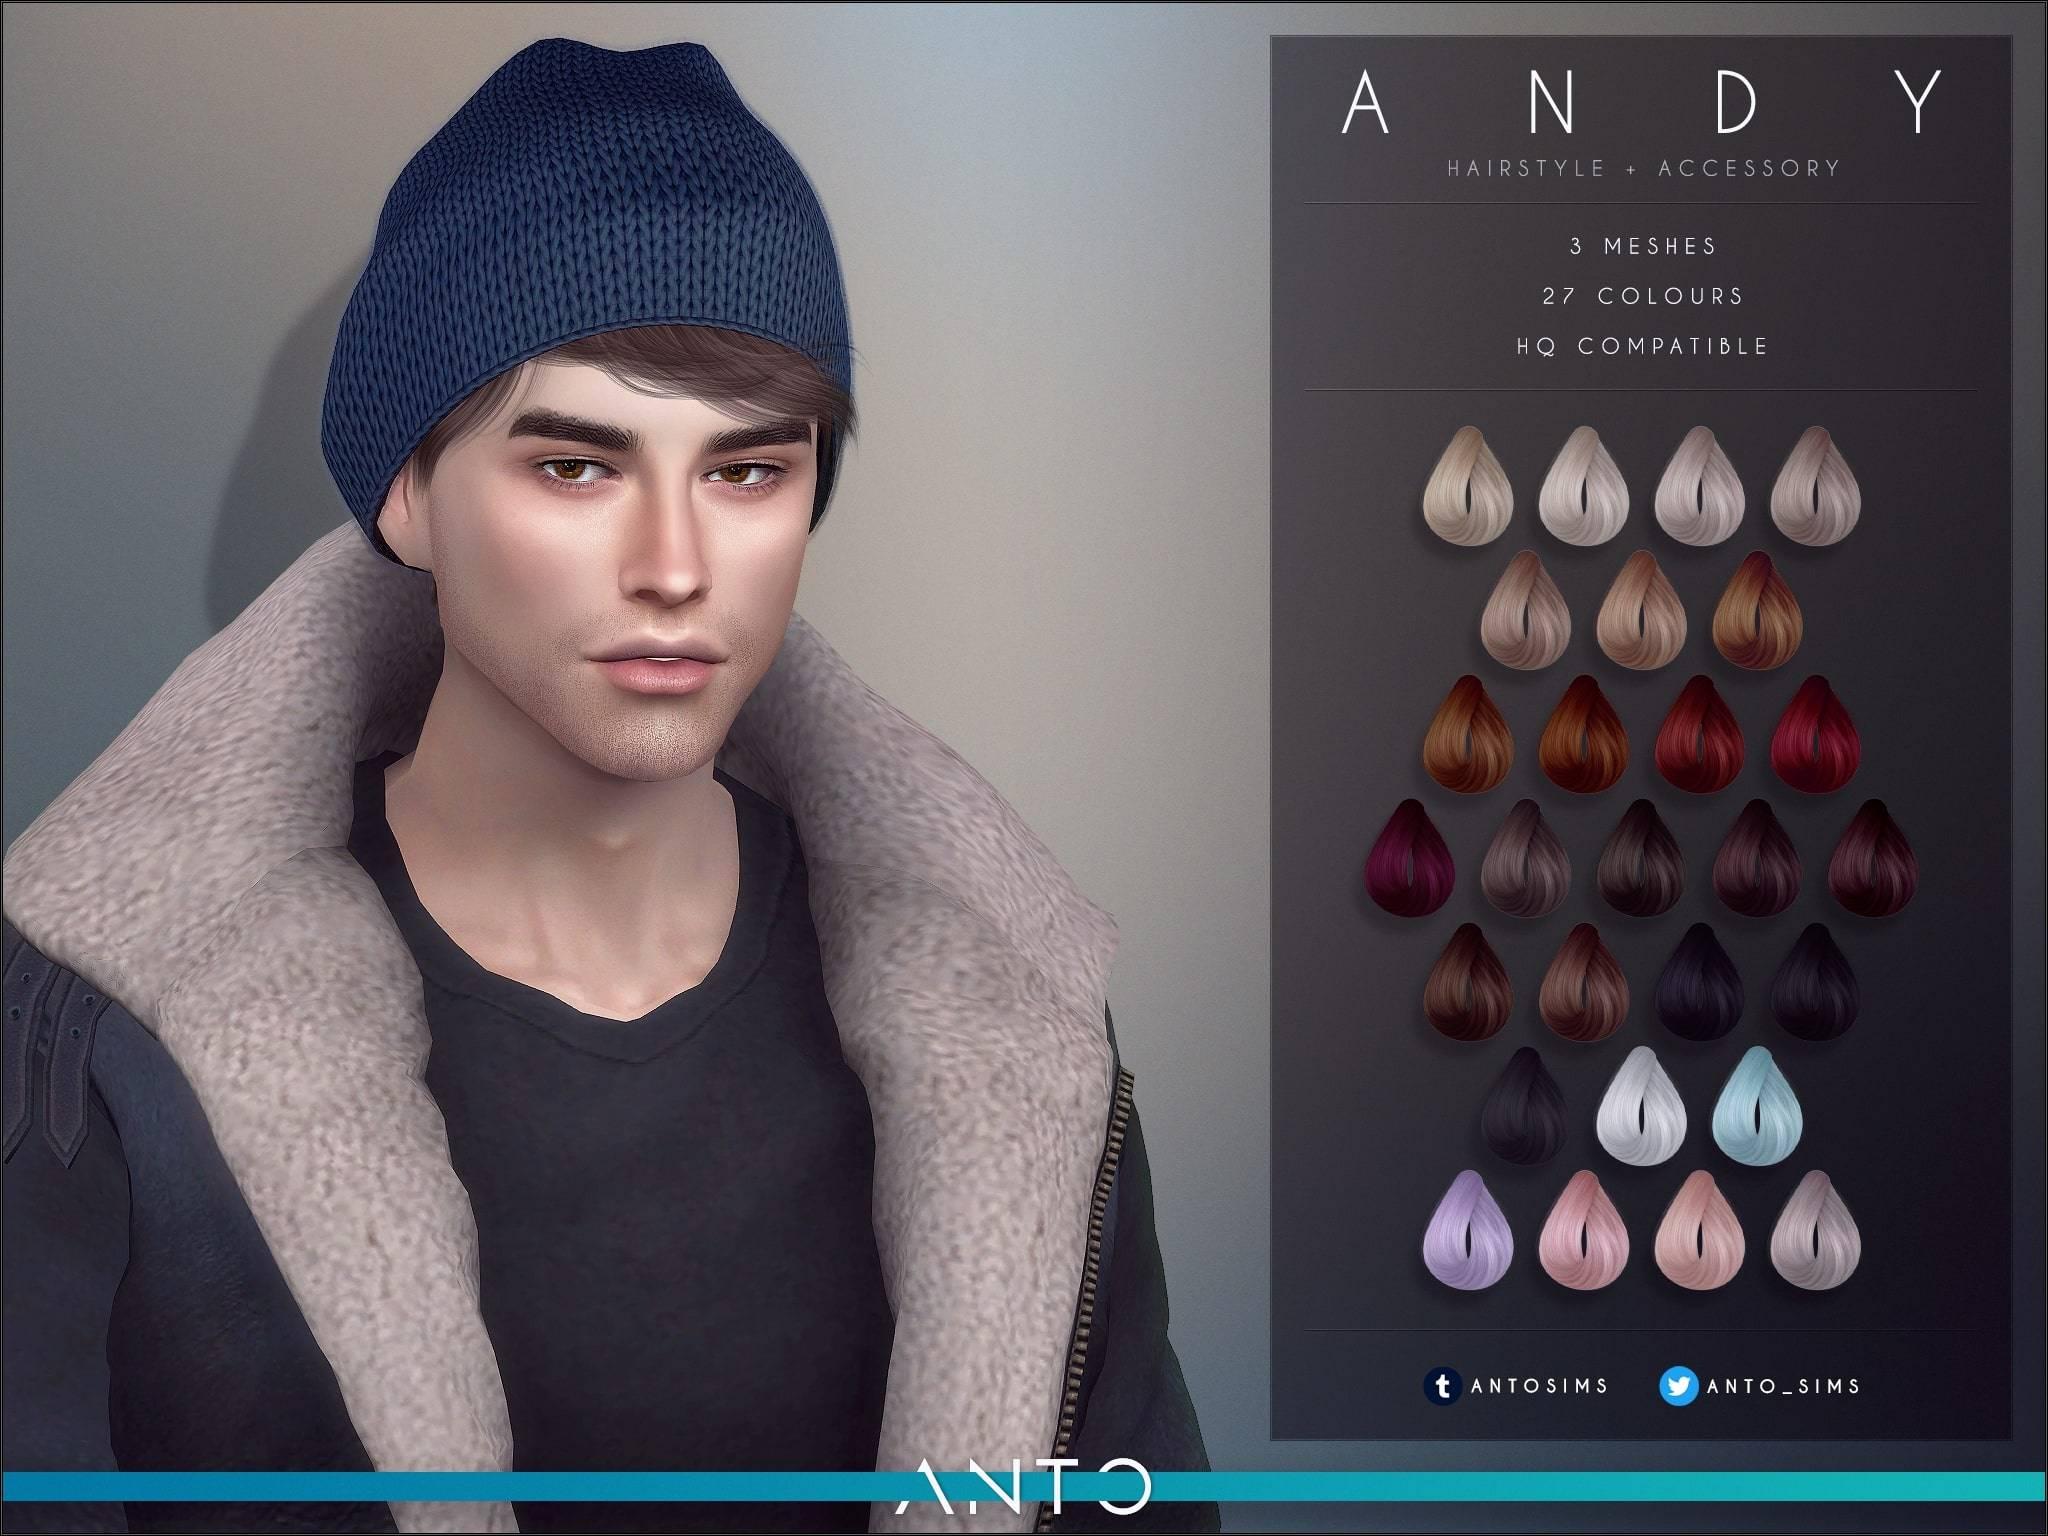 Мужская прическа - Andy